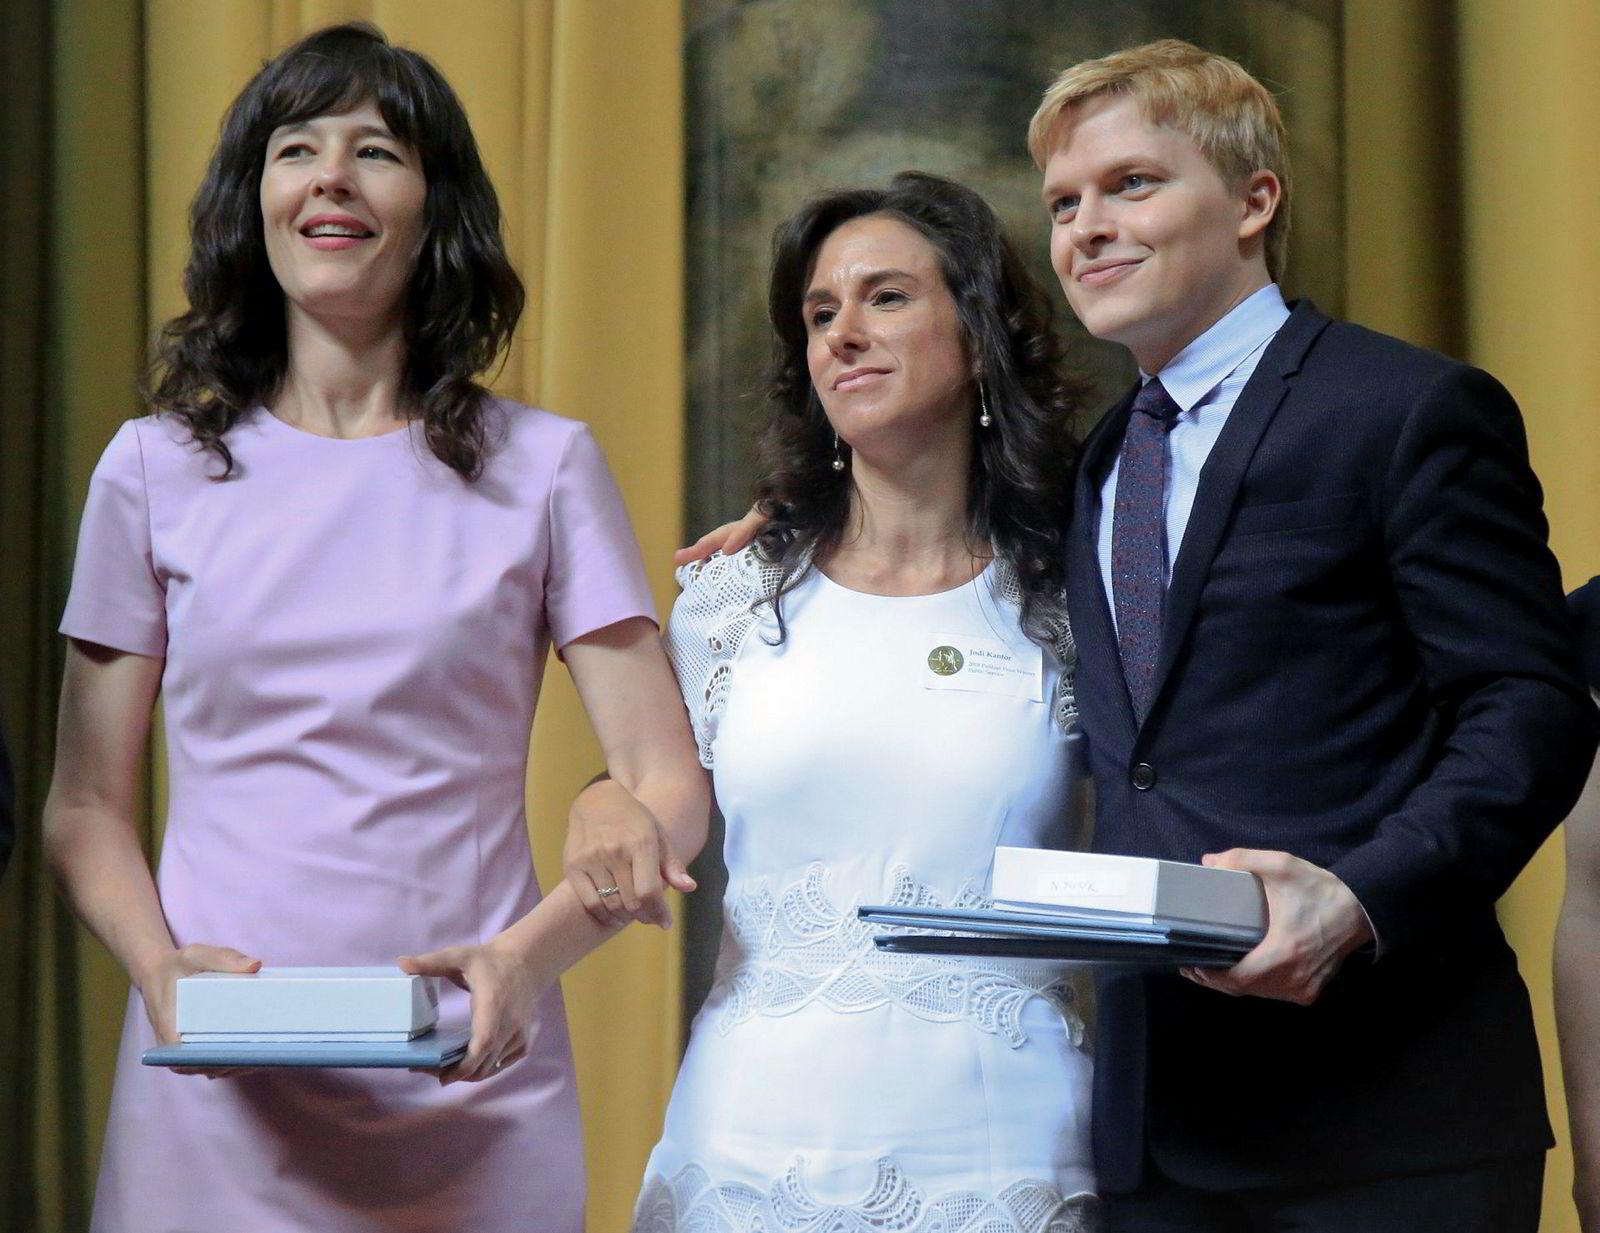 New York Times-journalistene Megan Twohey og Jodi Kantor, og The New Yorker-journalist Ronan Farrow, vant Pulitzerprisen for sakene deres om Harvey Weinstein.